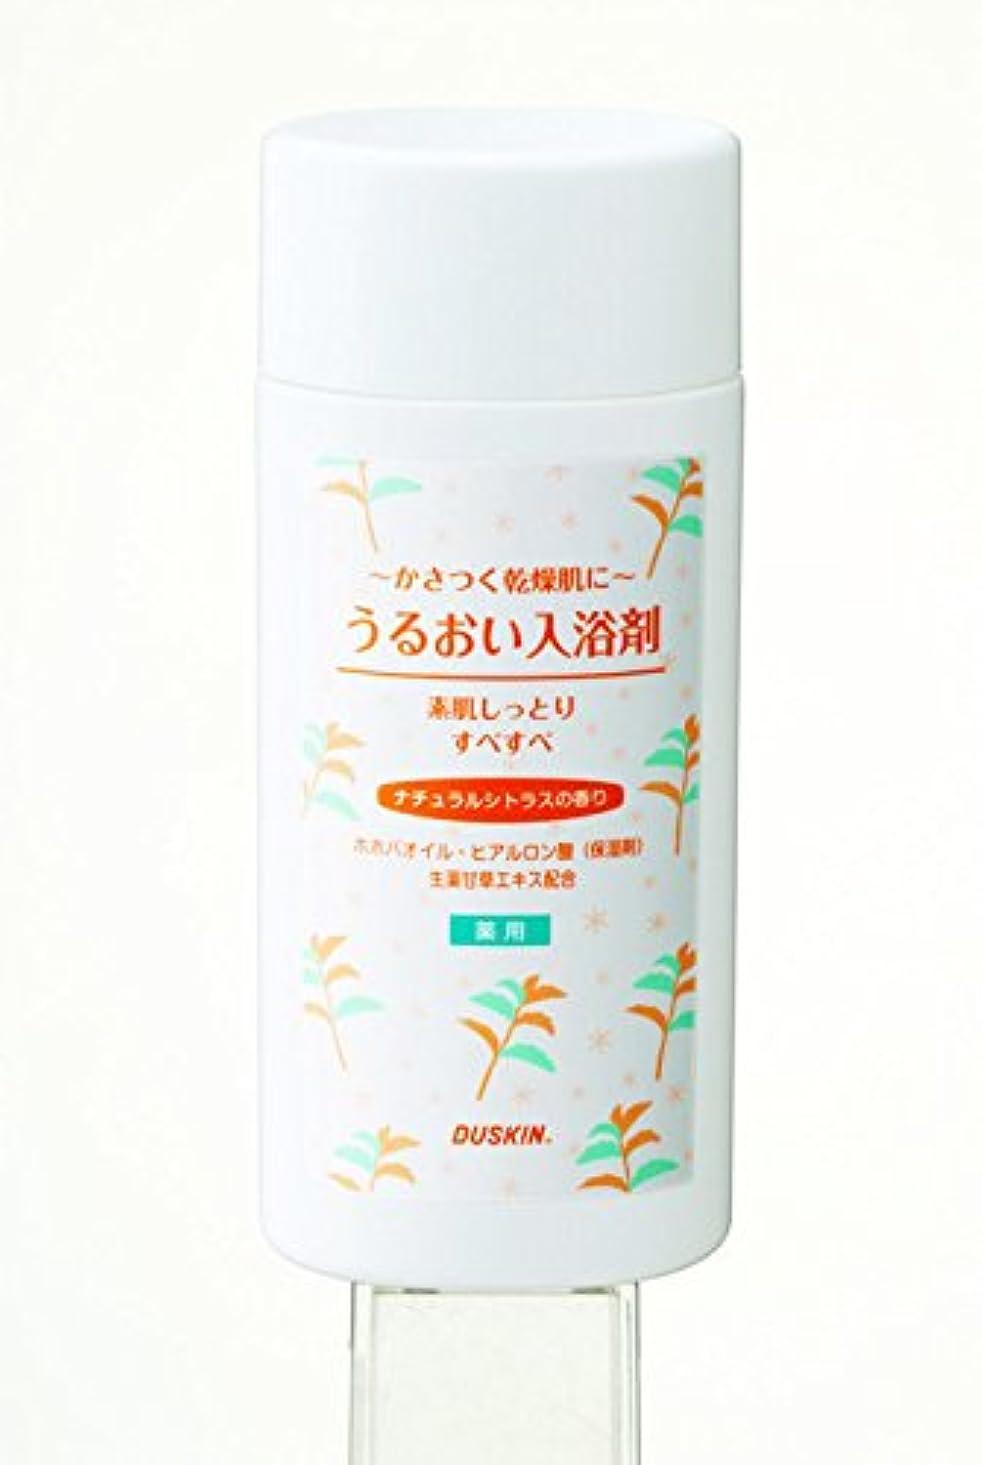 十分に多用途以上ダスキン うるおい入浴剤 ナチュラルシトラスの香り 濁り湯タイプ300g